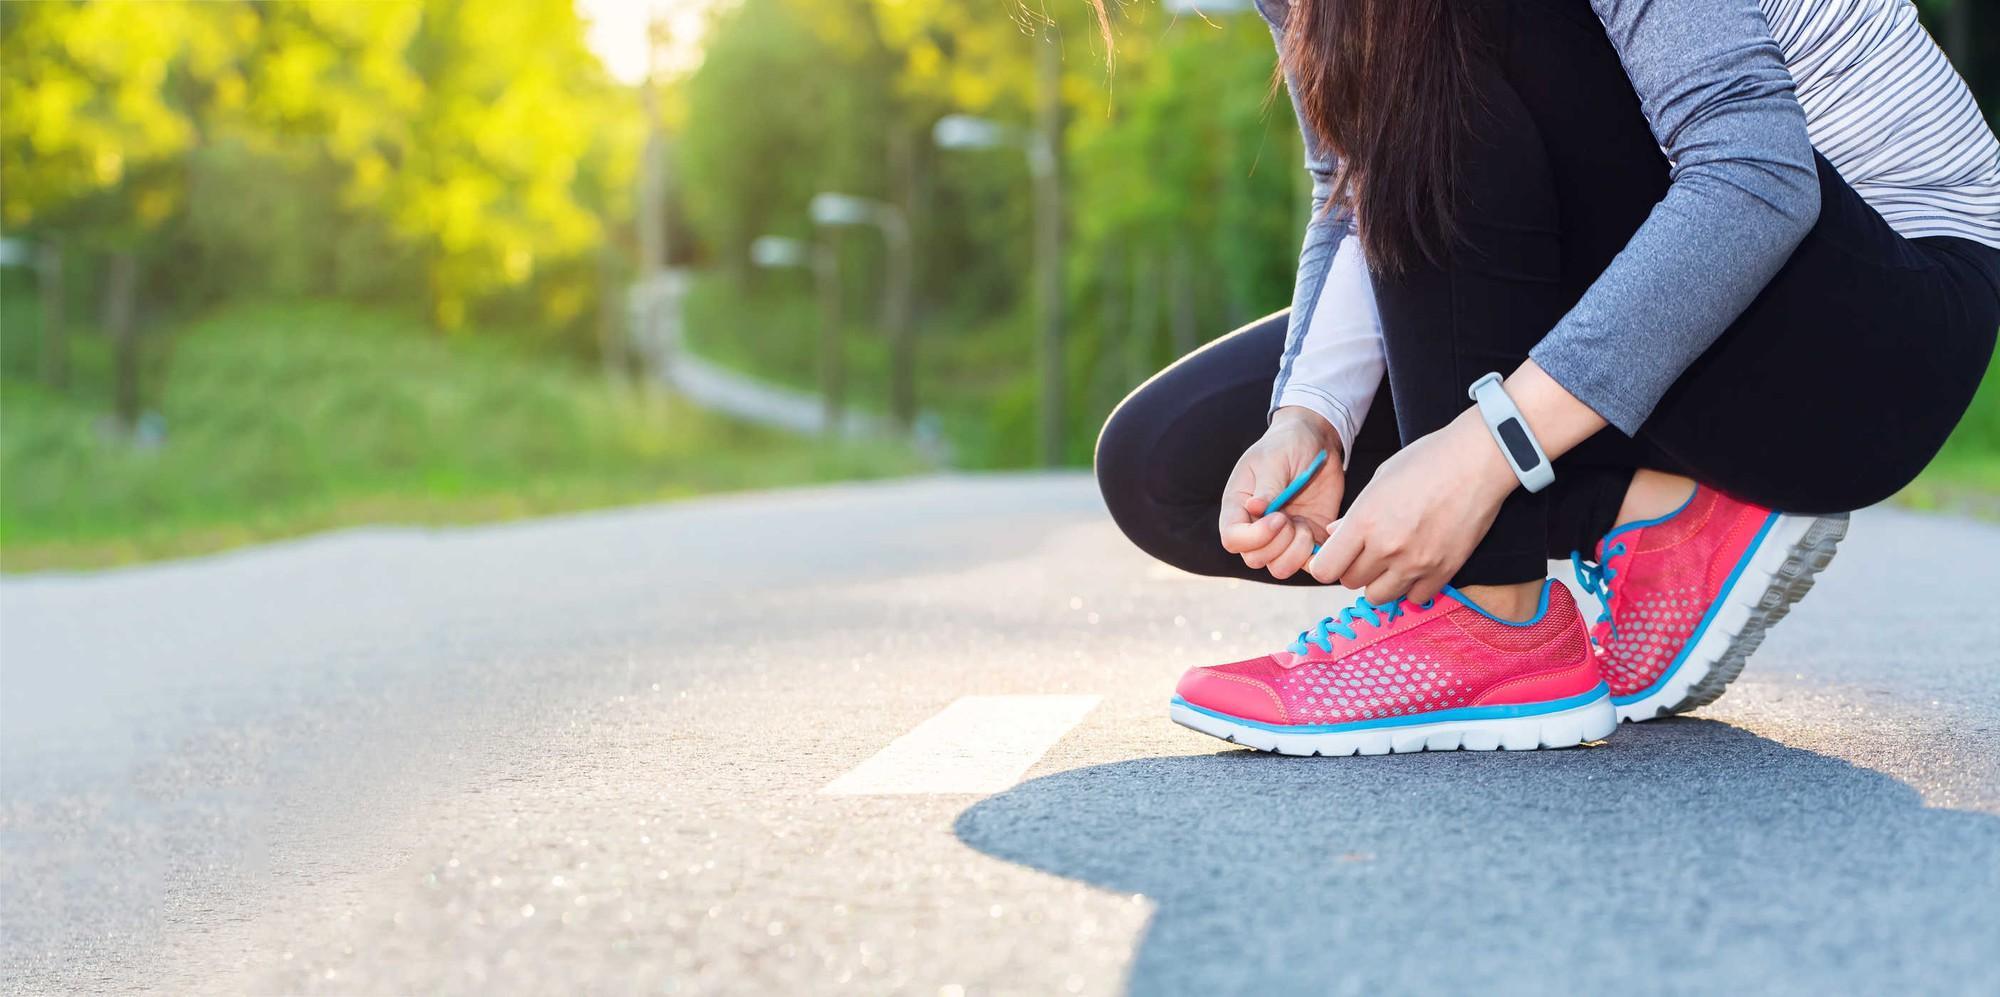 Người gầy hay béo cũng cần biết những thói quen giúp tăng cường trao đổi chất sau-3